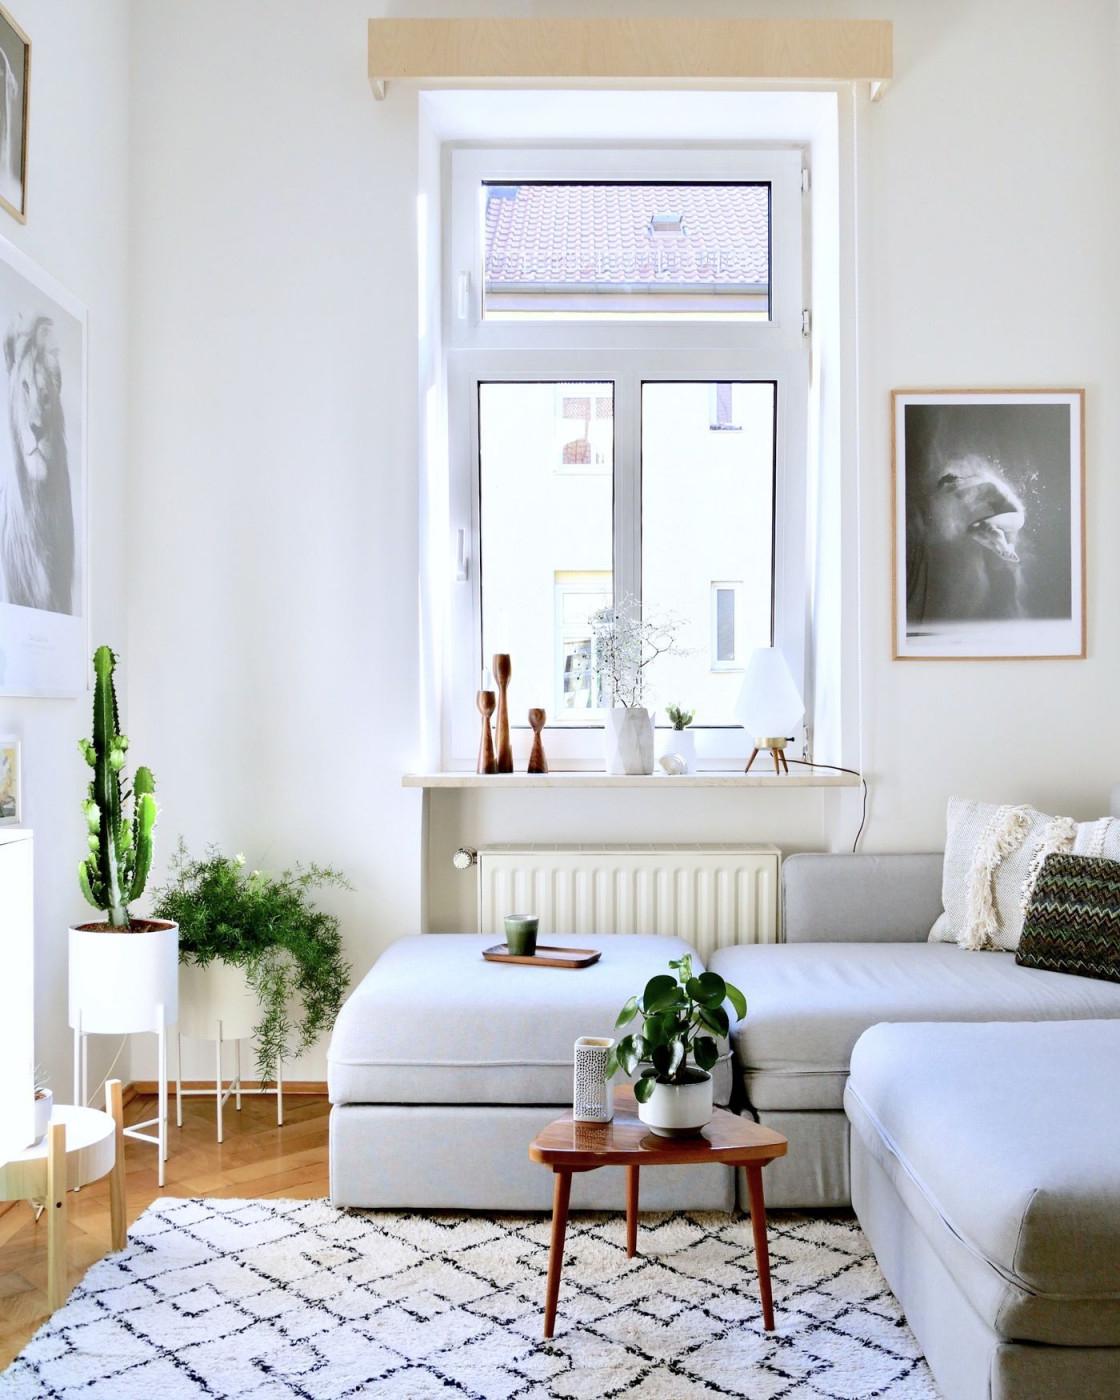 Das Retro Wohnzimmer von Retro Wohnzimmer Ideen Bild